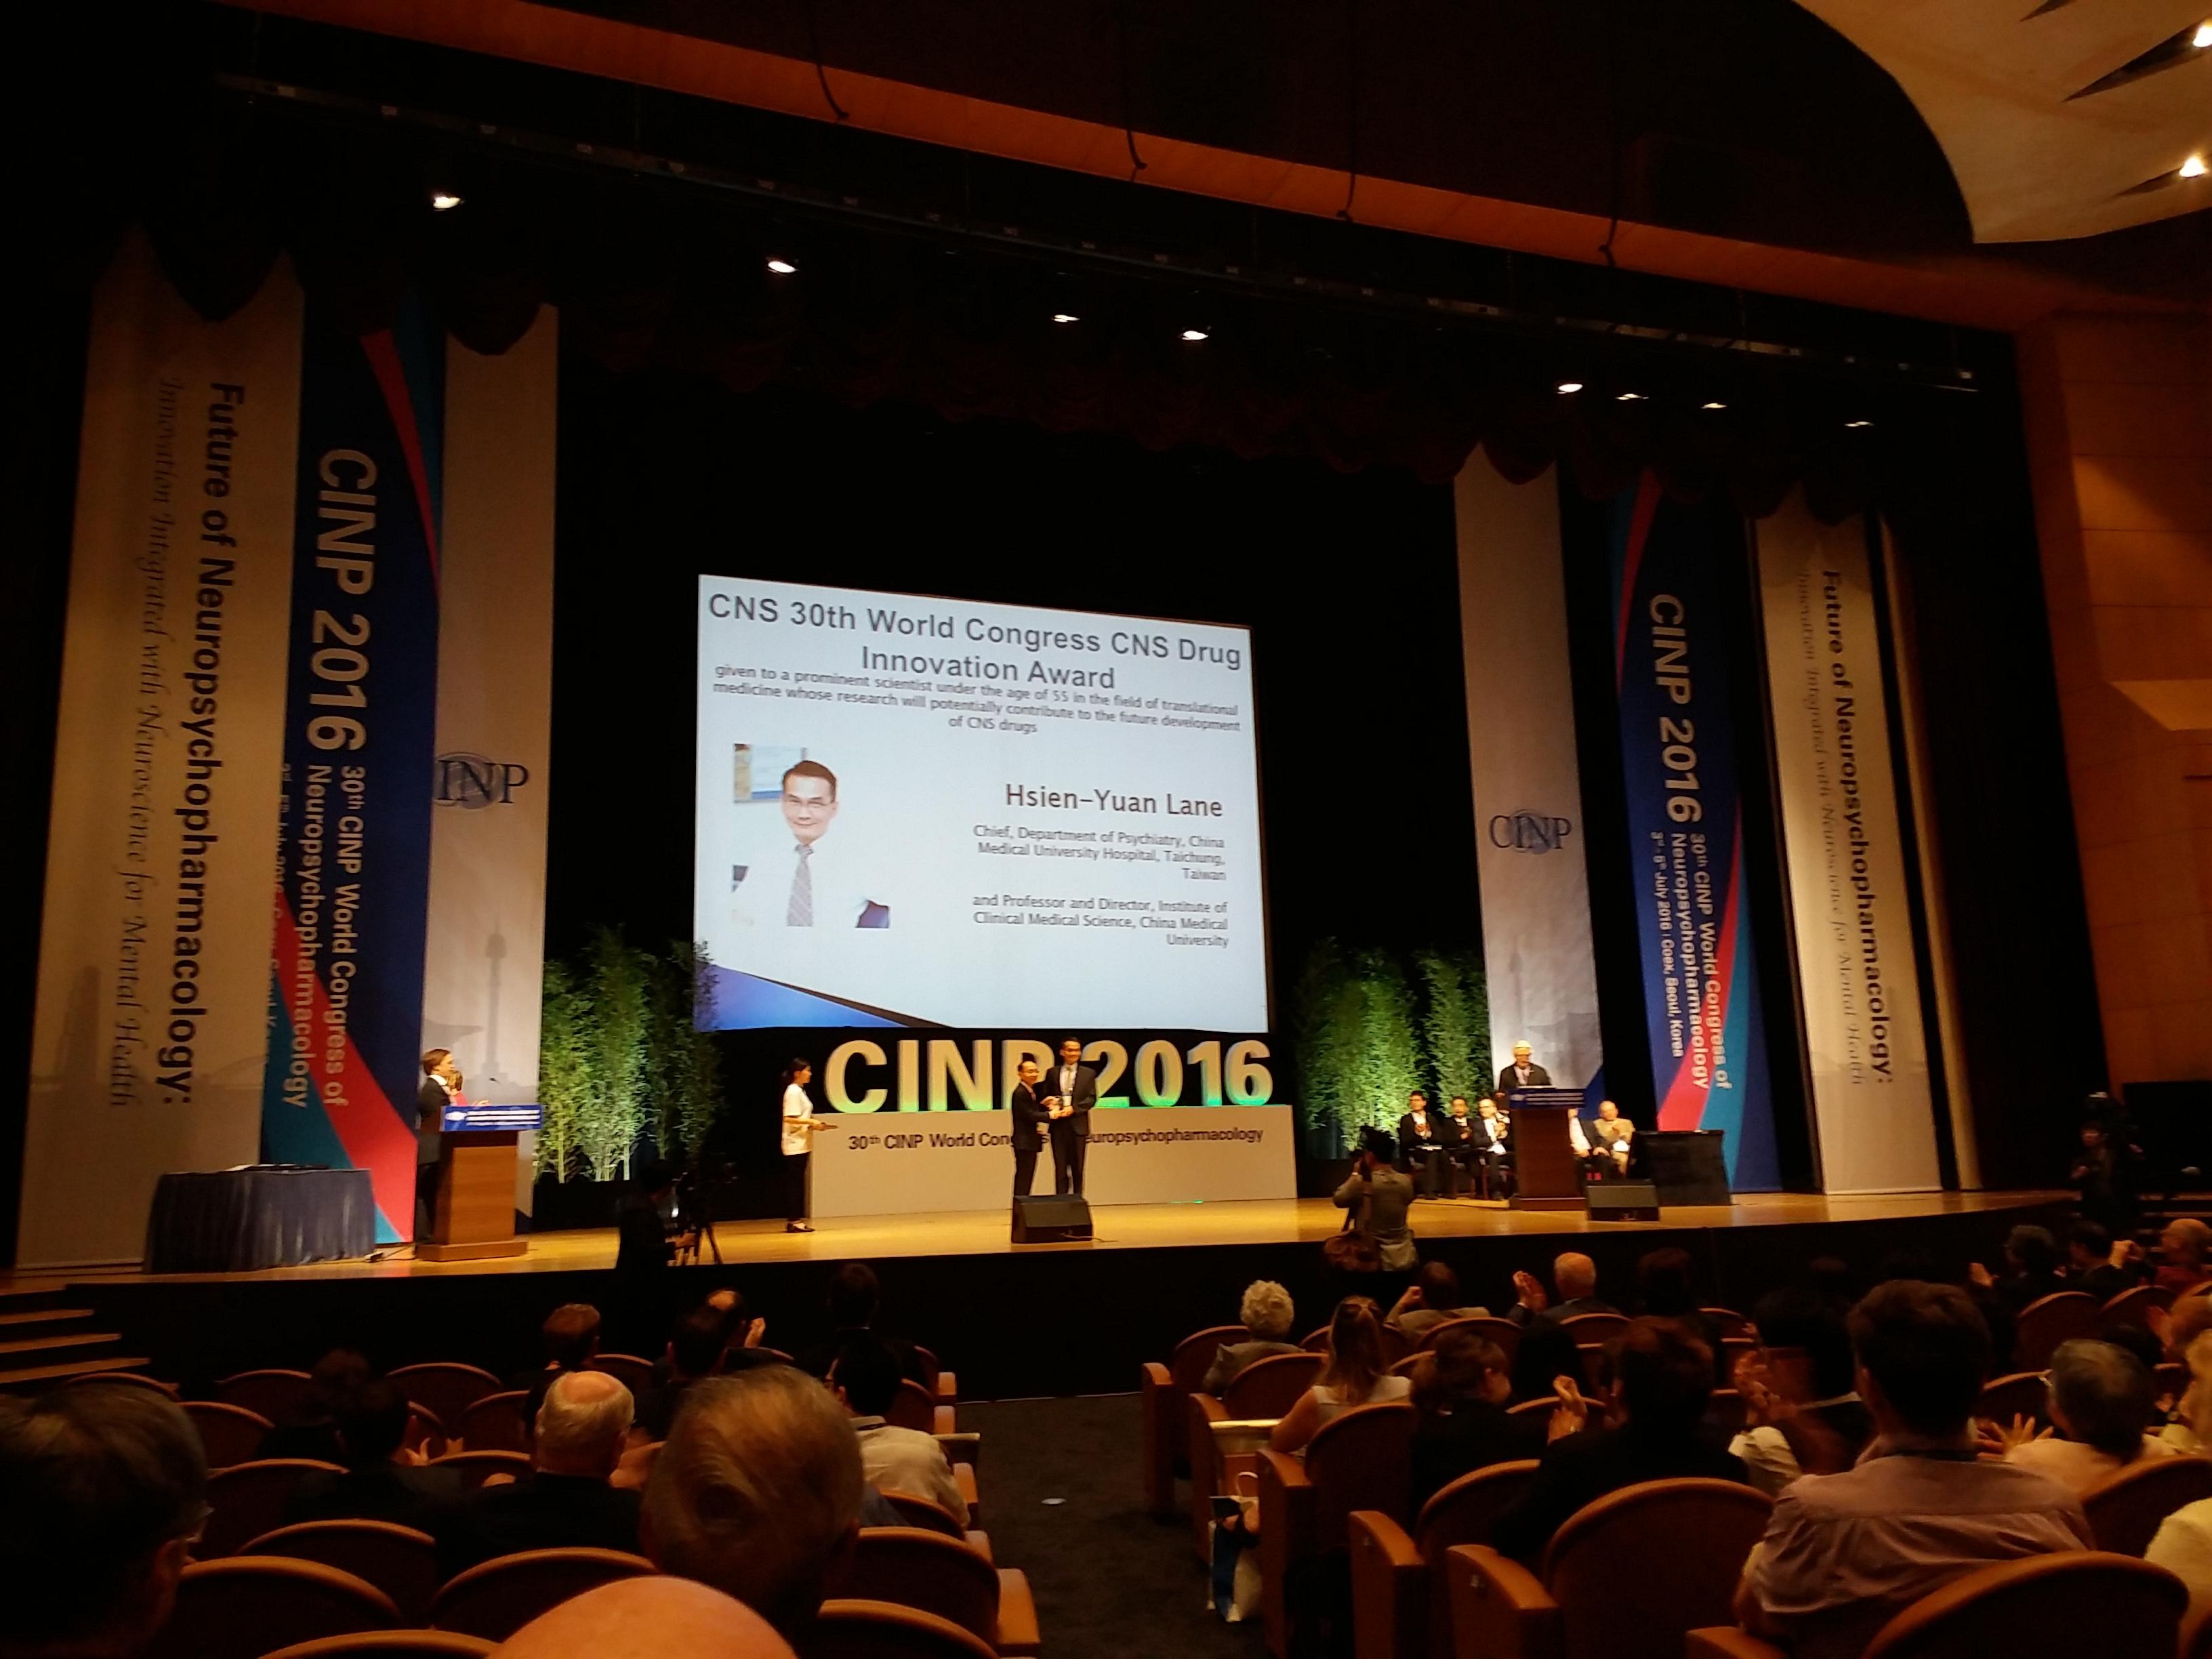 藍先元教授榮獲2016 CINP World Congress CNS藥物研發獎